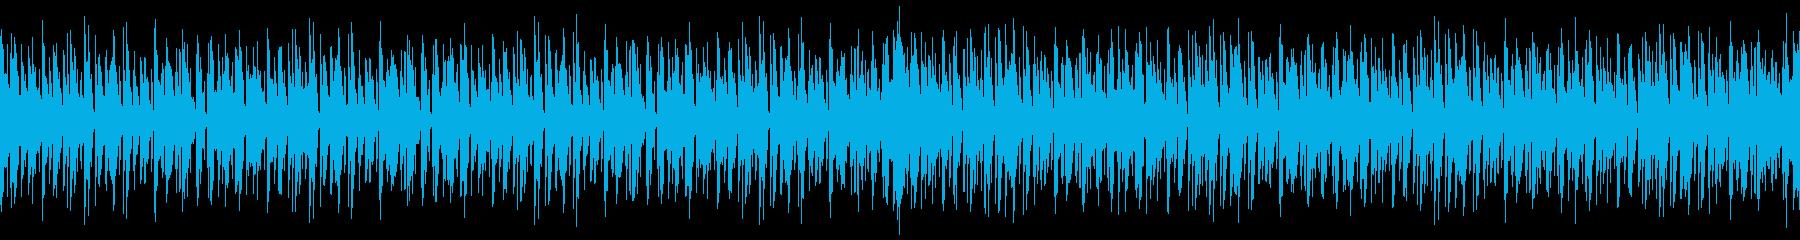 [ループ]ダンスミュージック3 60秒の再生済みの波形